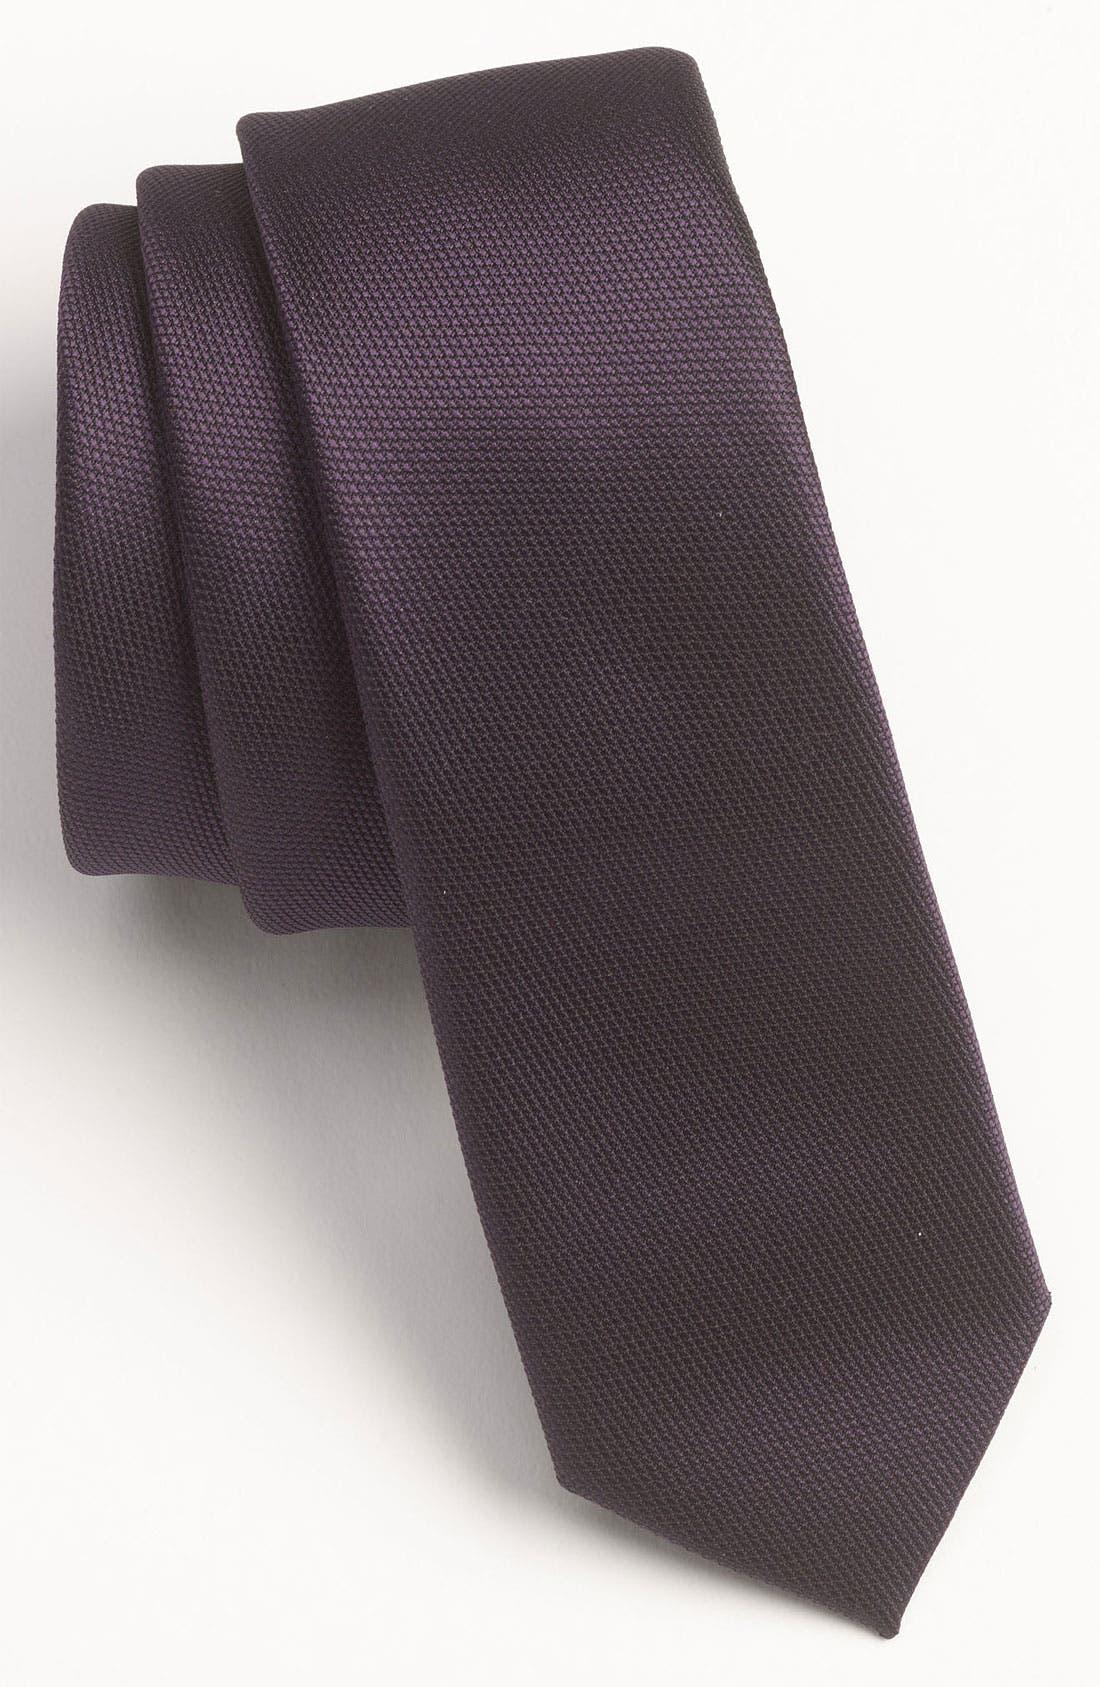 Main Image - Topman 'Winter' Tie